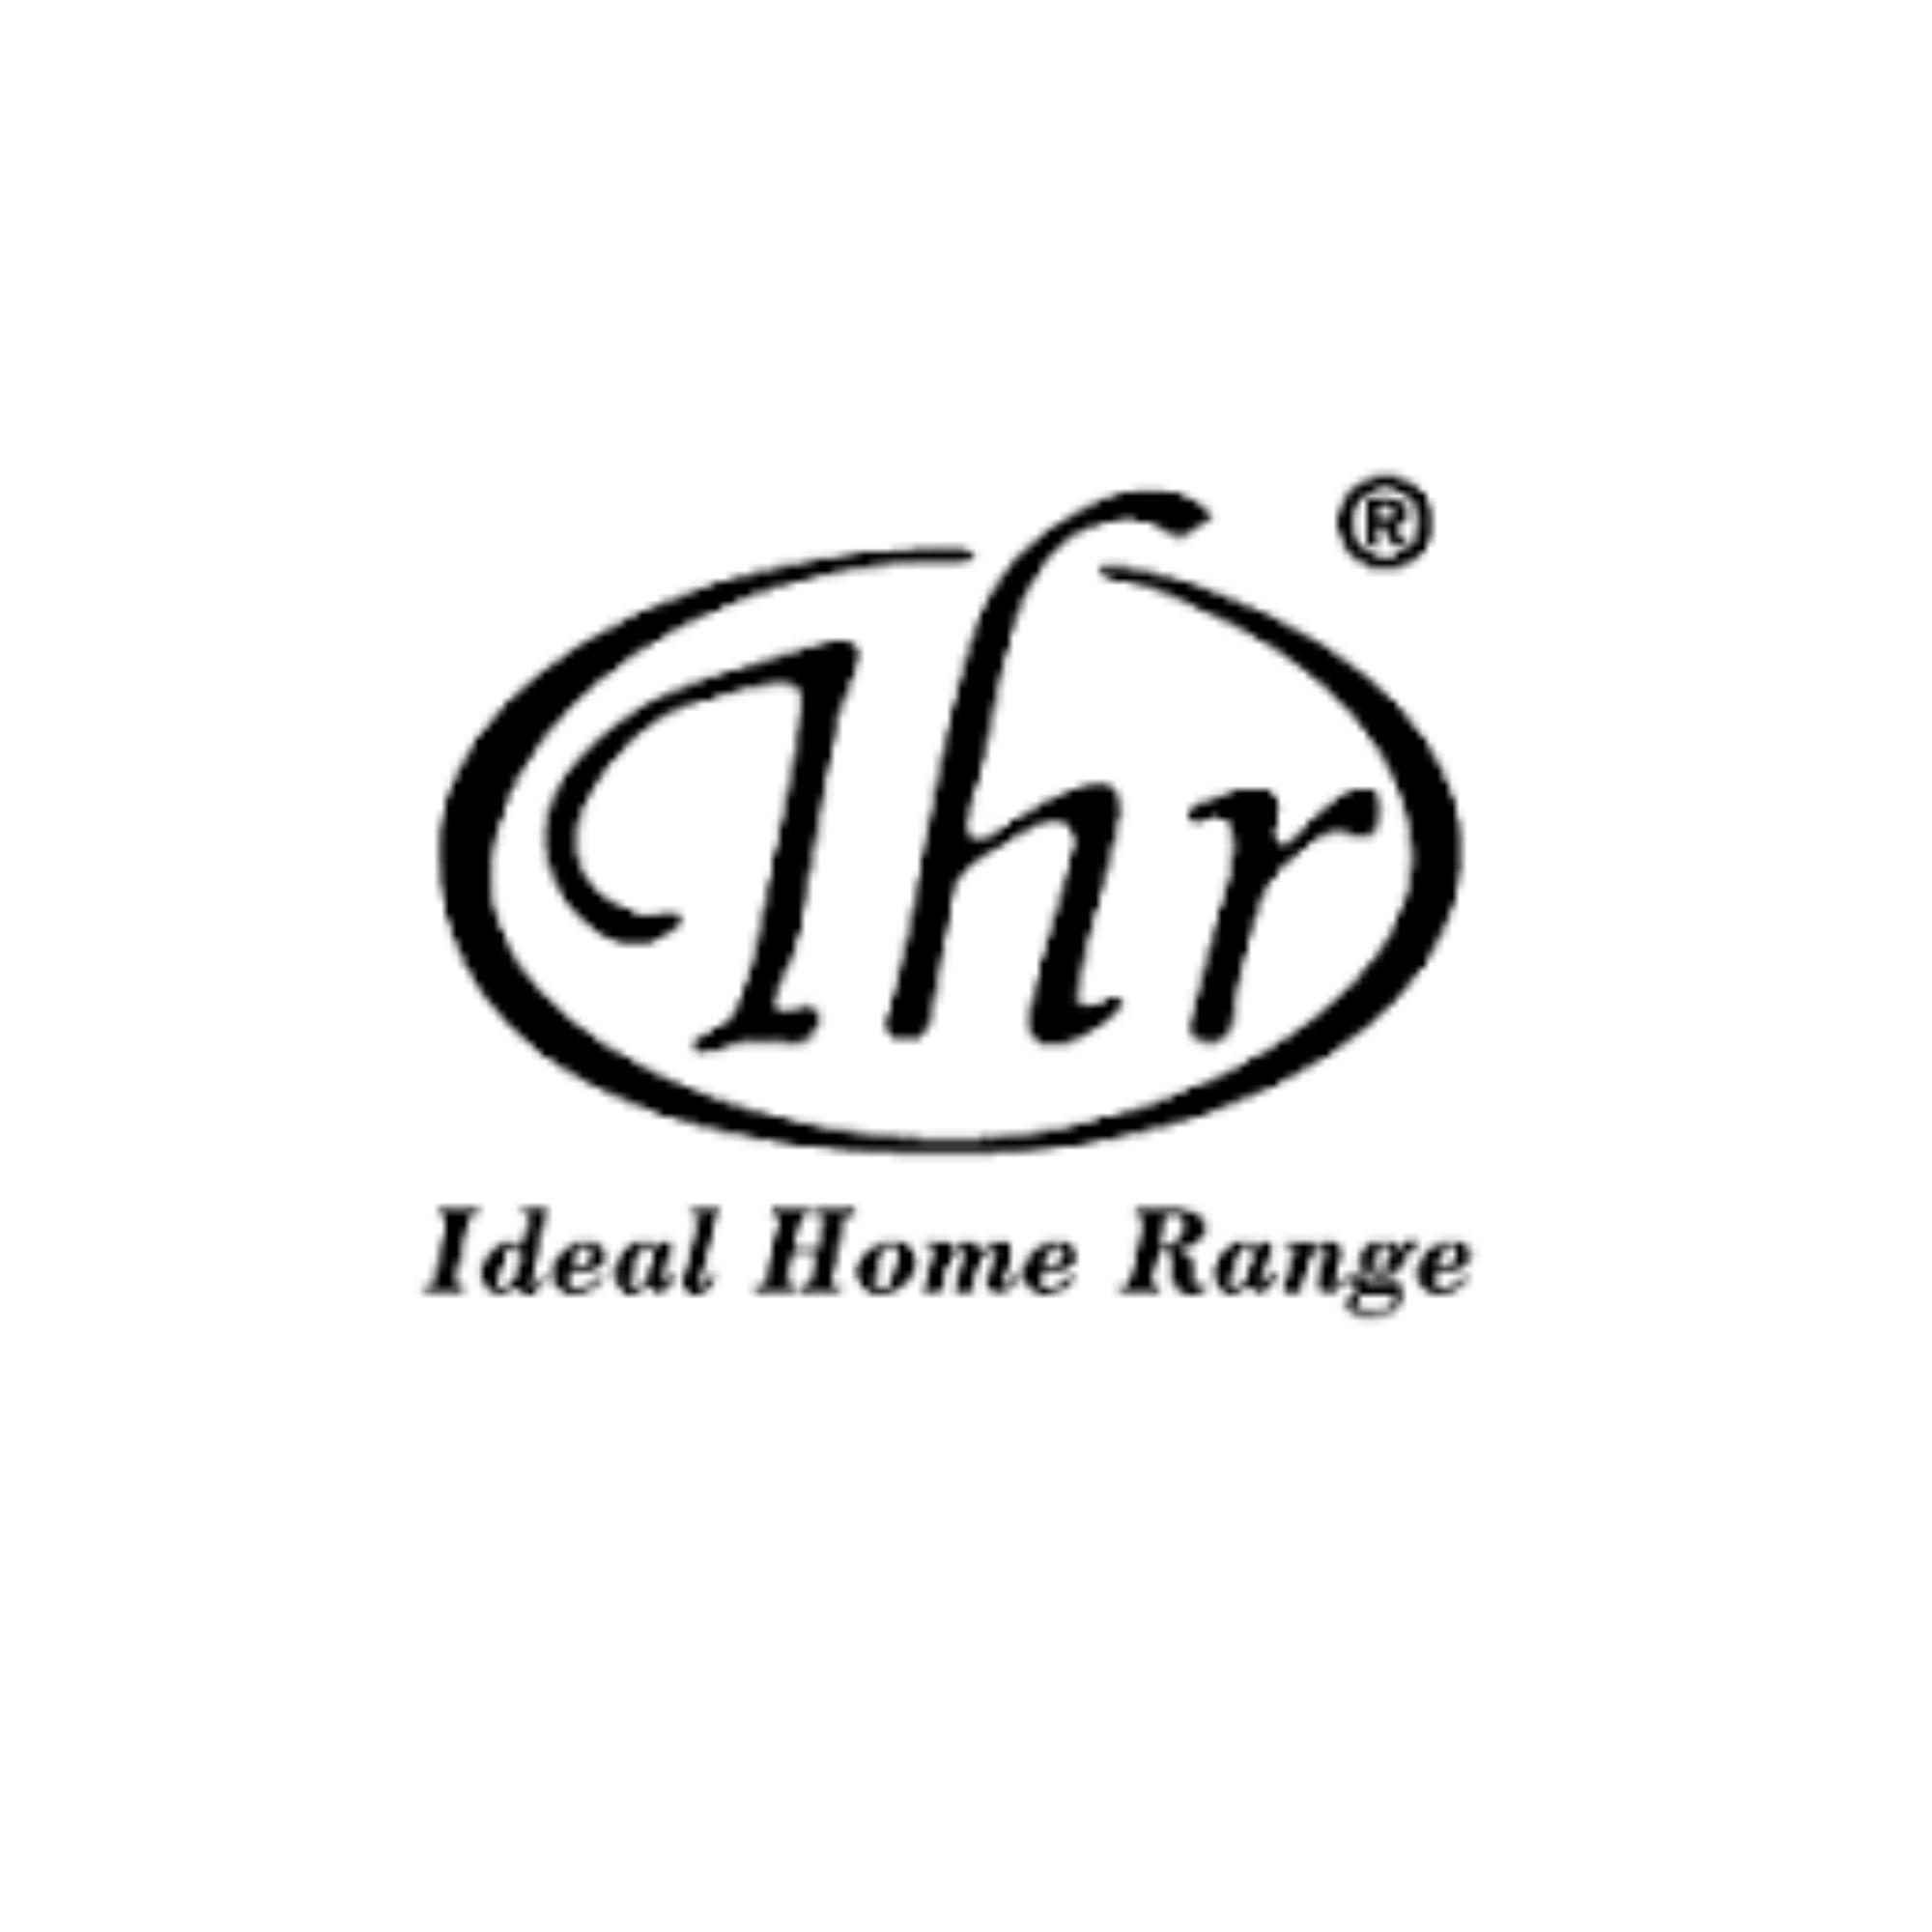 ihr-logo